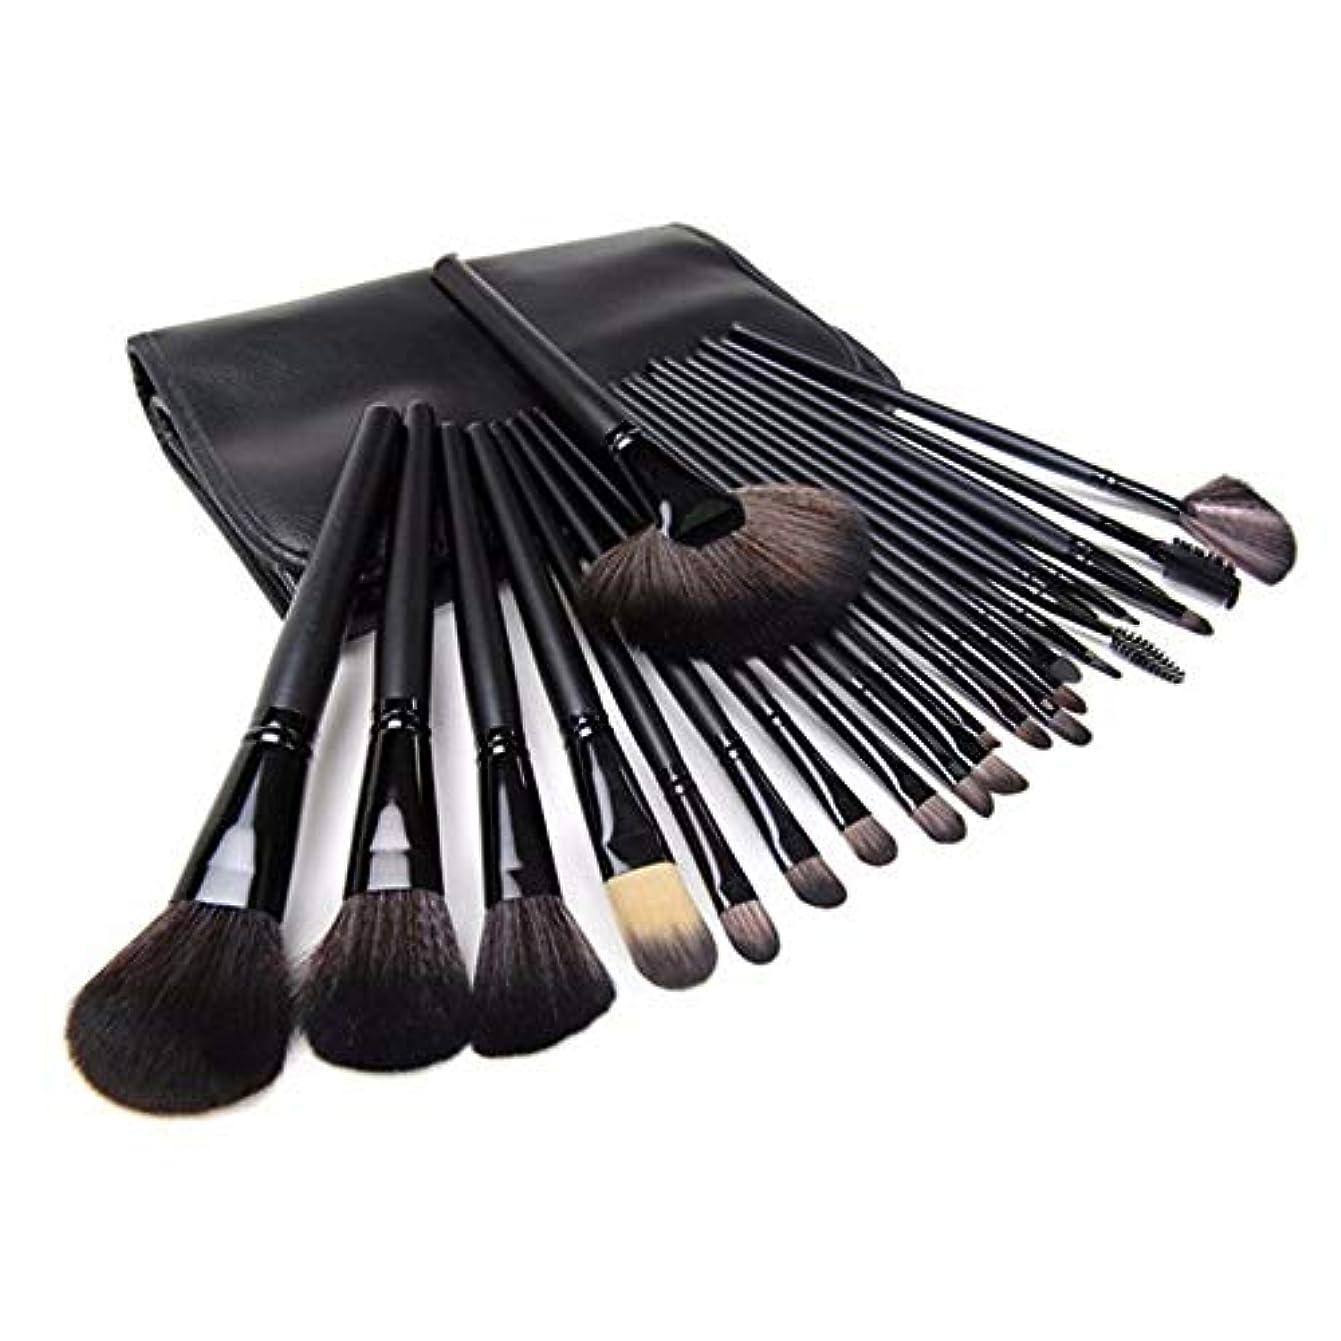 Makeup brushes メイクアップバッグ、24ピースメイクアップブラシ完熟セミシンセティックファンデーションブラッシュコンシーラーアイシャドウリップバーム、メイクアップブラシセット suits (Color :...